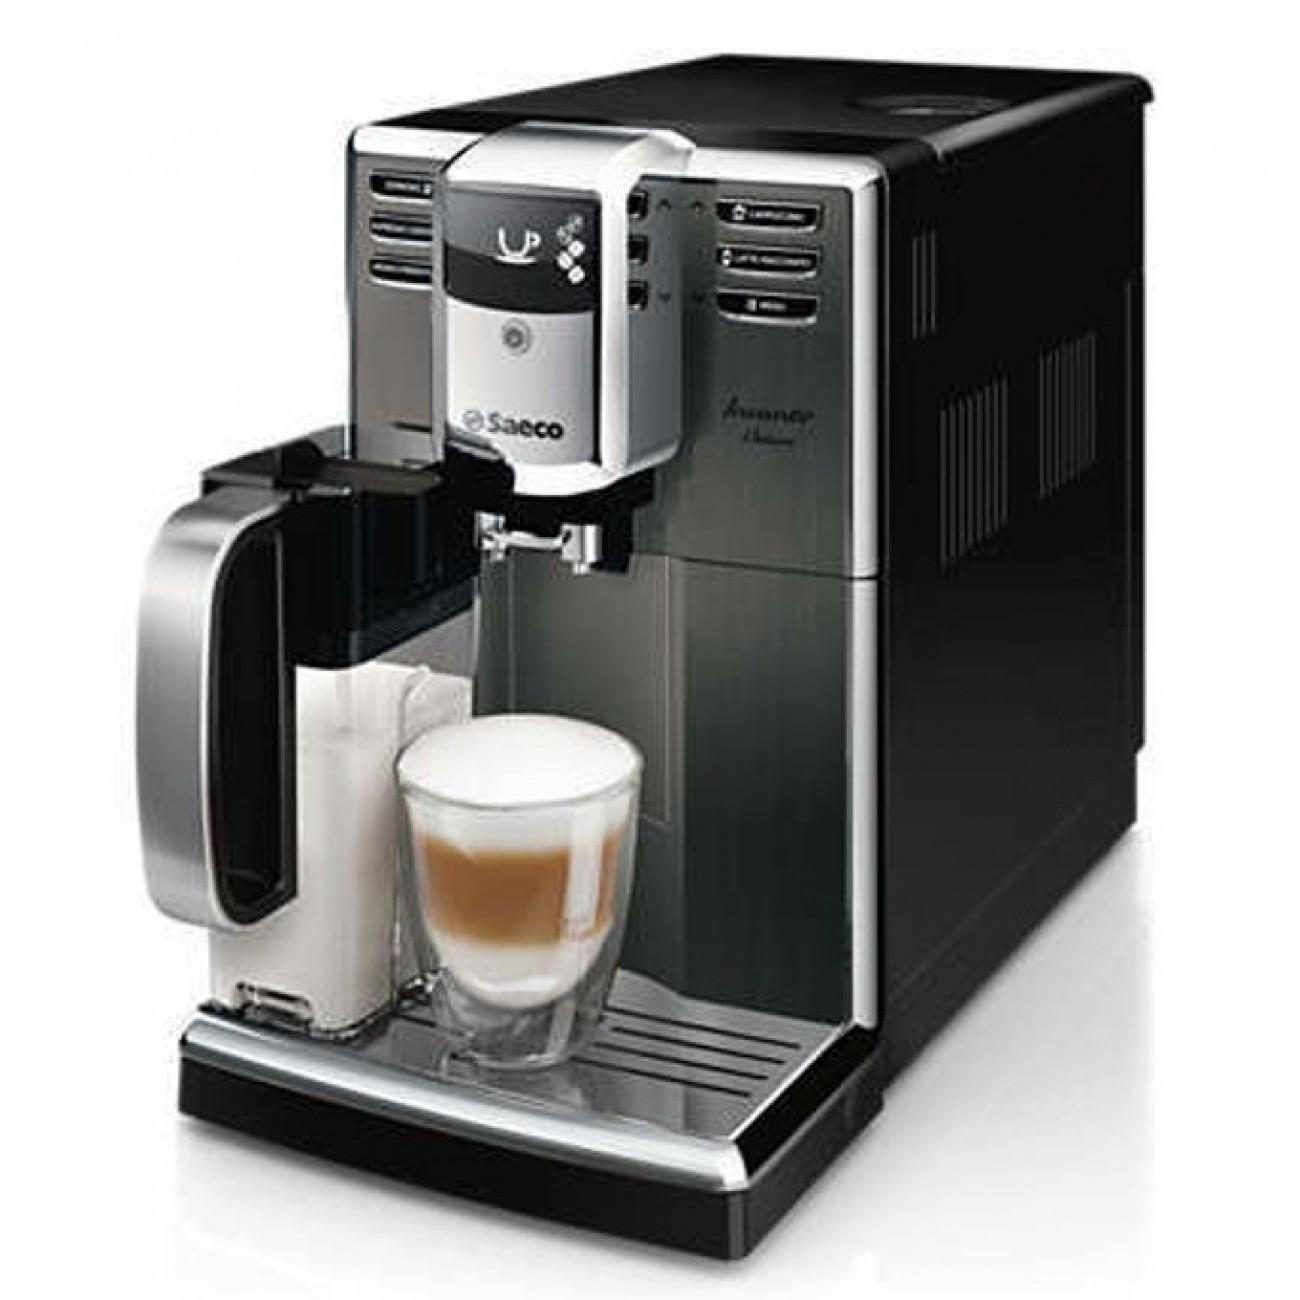 Автоматична еспресо машина Philips HD8922/09, 1850W, 15 bar налягане, титанова неръждаема стомана, 5-степенна регулируема мелачка, черна в Кафемашини -  | Alleop